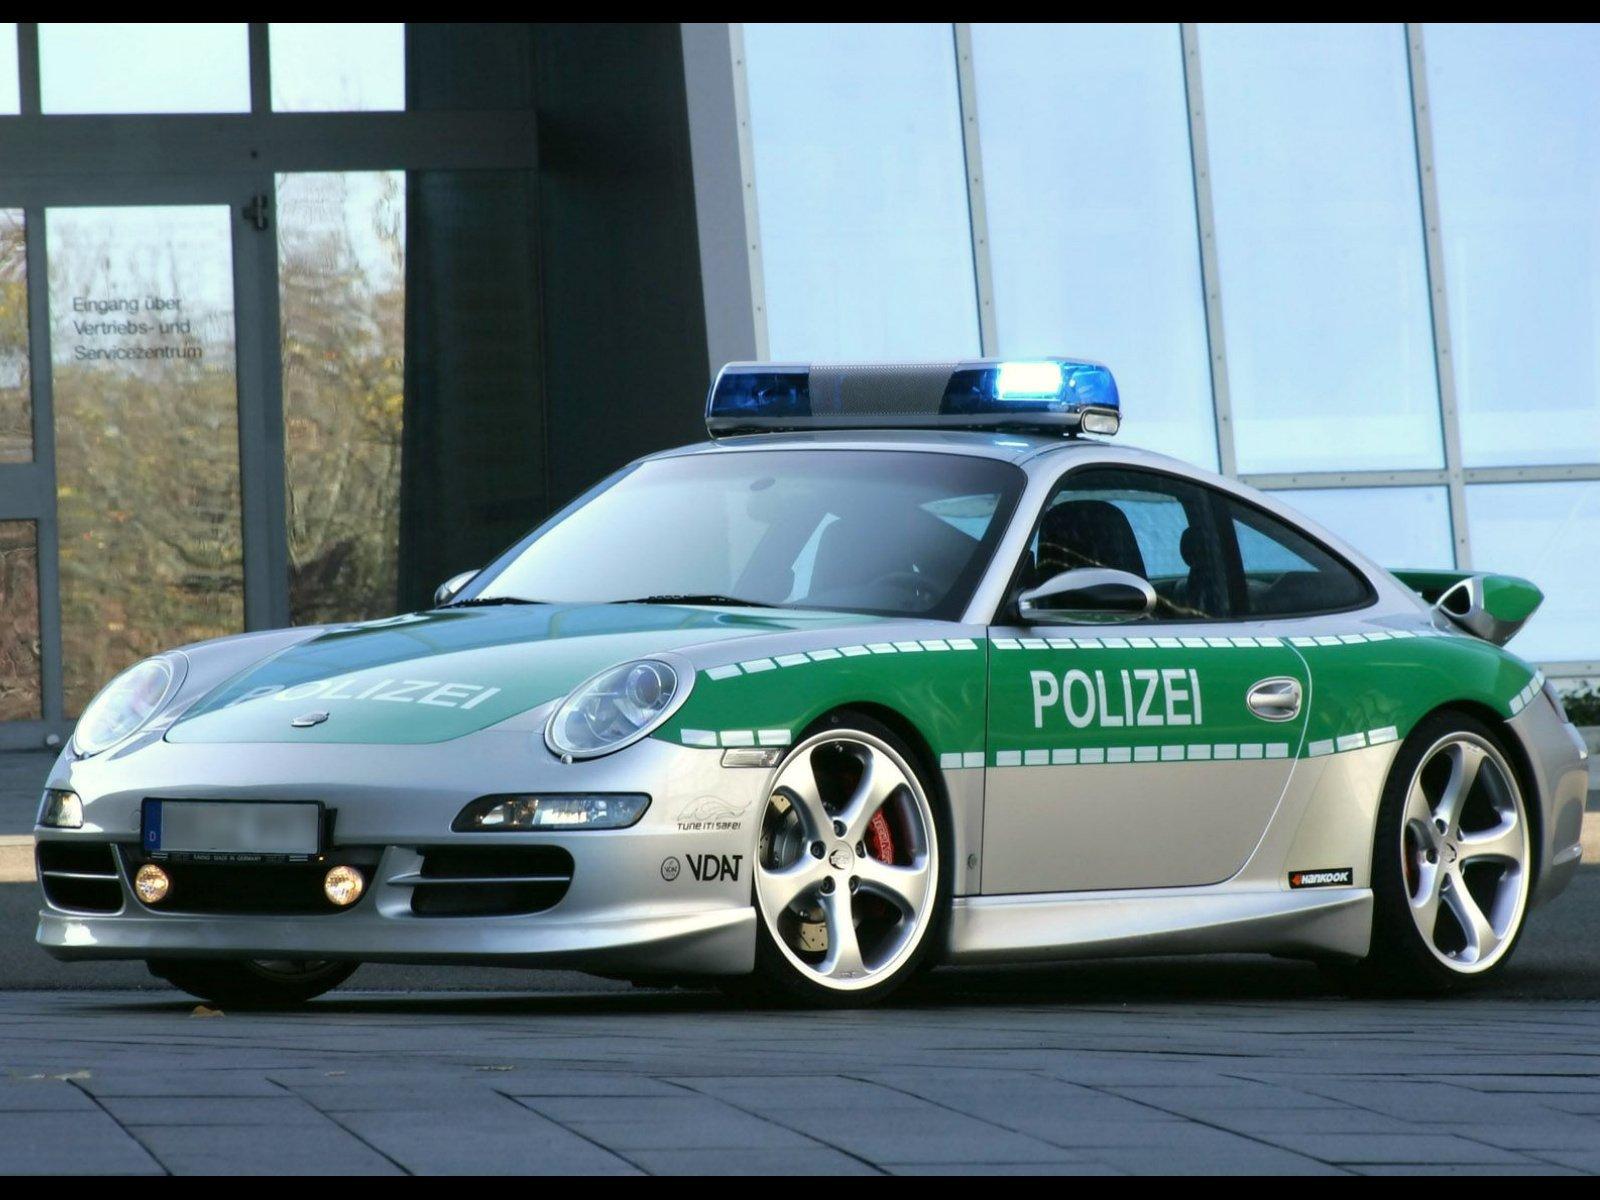 Cars Porsche Police Car Wallpaper Images at Clkercom   vector 1600x1200